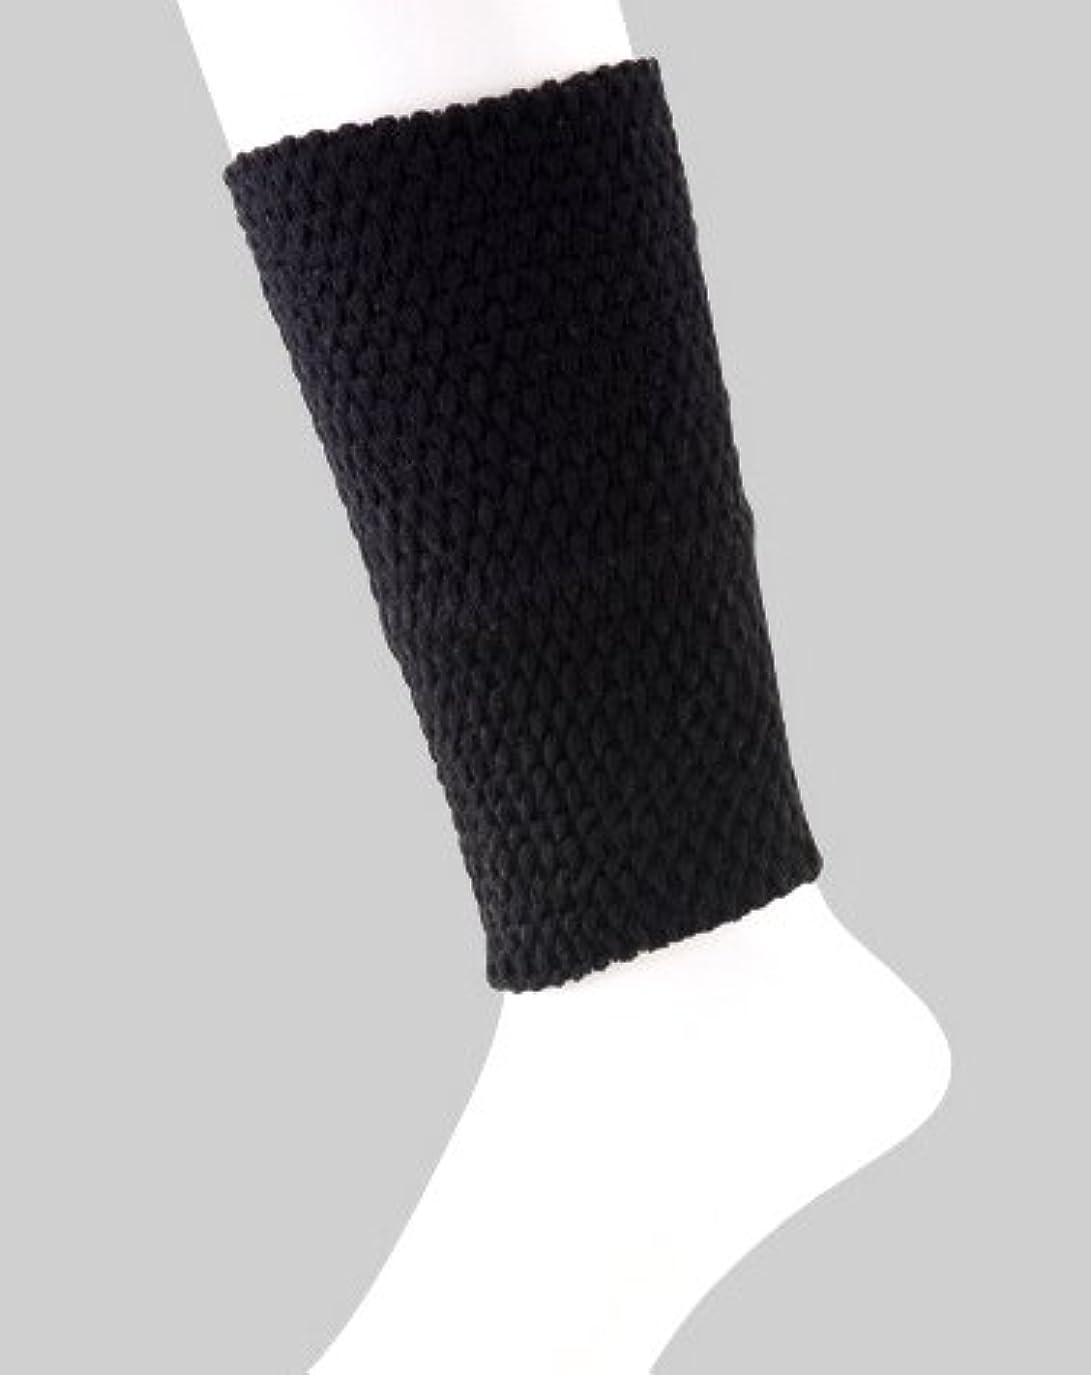 カード幹見えない日本製 足首ウォーマー 表綿100% 二重構造で暖かい 春夏 冷房対策 20cm丈 (ベージュ)